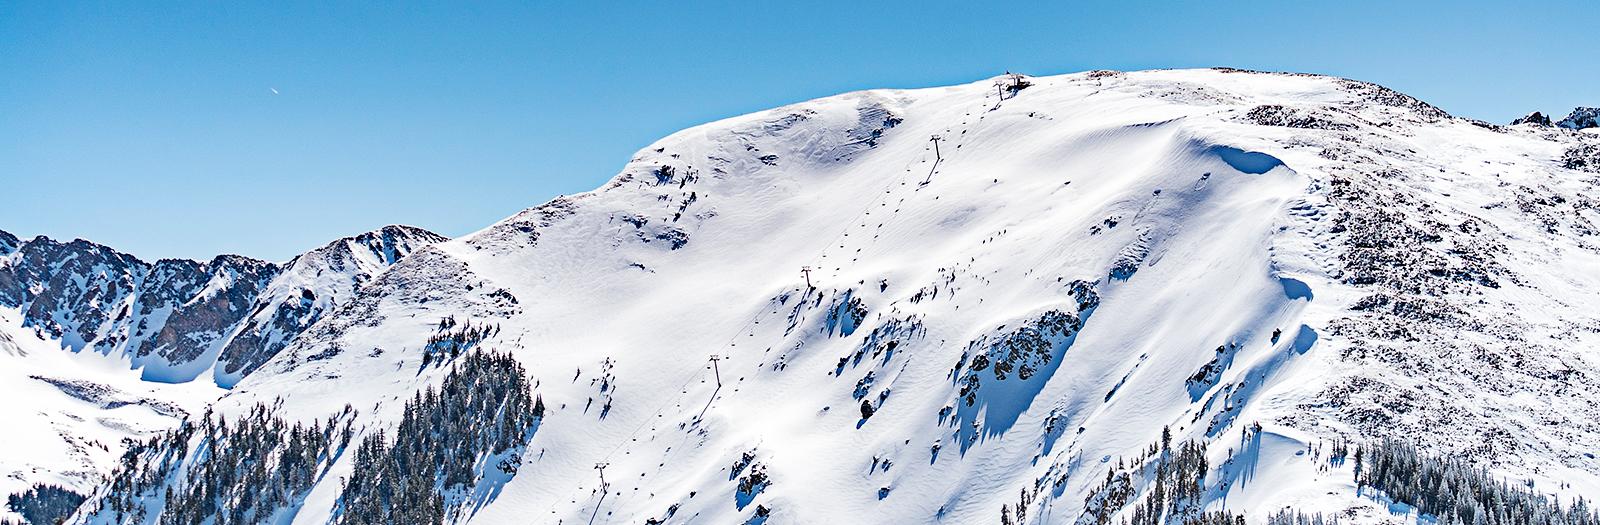 Ski Map of Taos